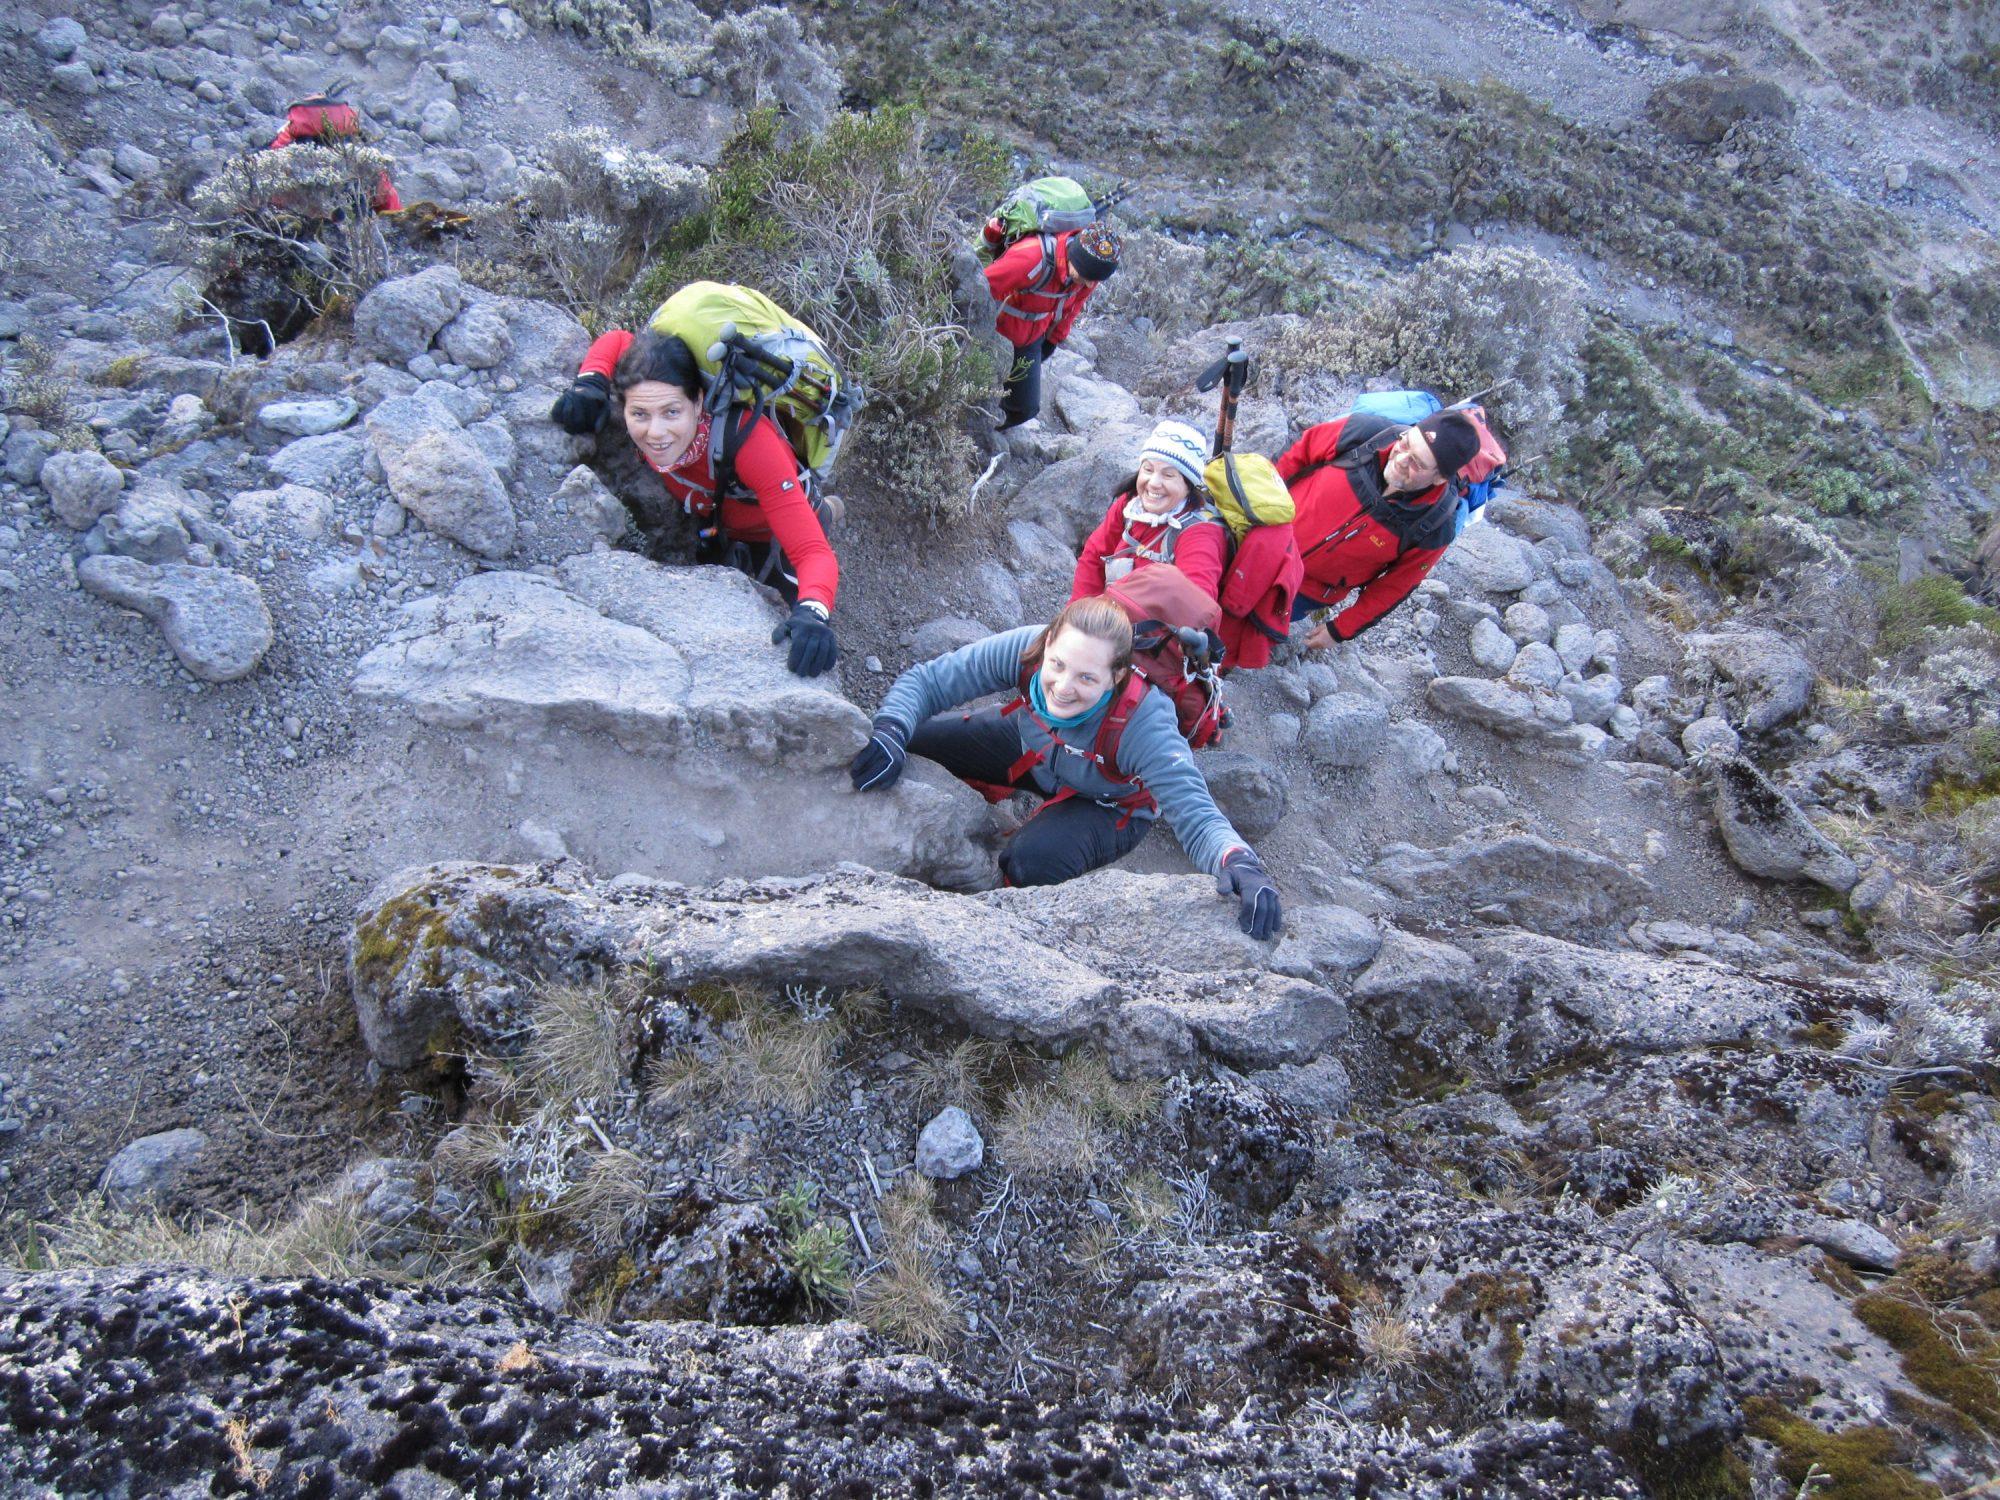 Breakfast Wall Klettern, Kilimandscharo, Kilimandscharo besteigen, Tansania, Afrika, Kilimandscharo Tour, Erfahrungsbericht, Machame Route